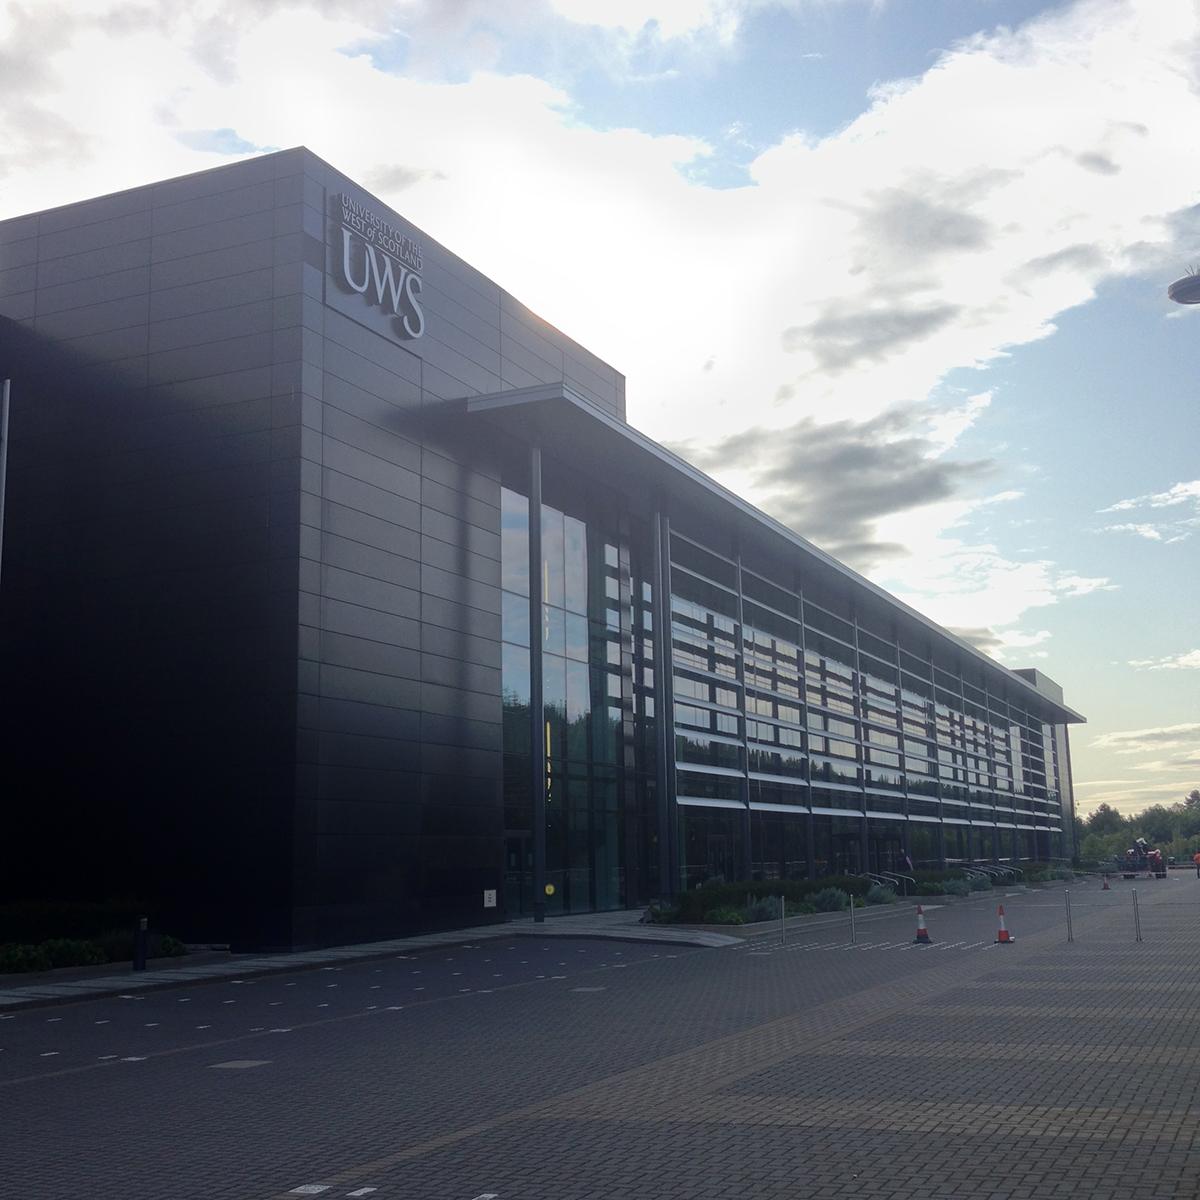 UWS Lanarkshire campus